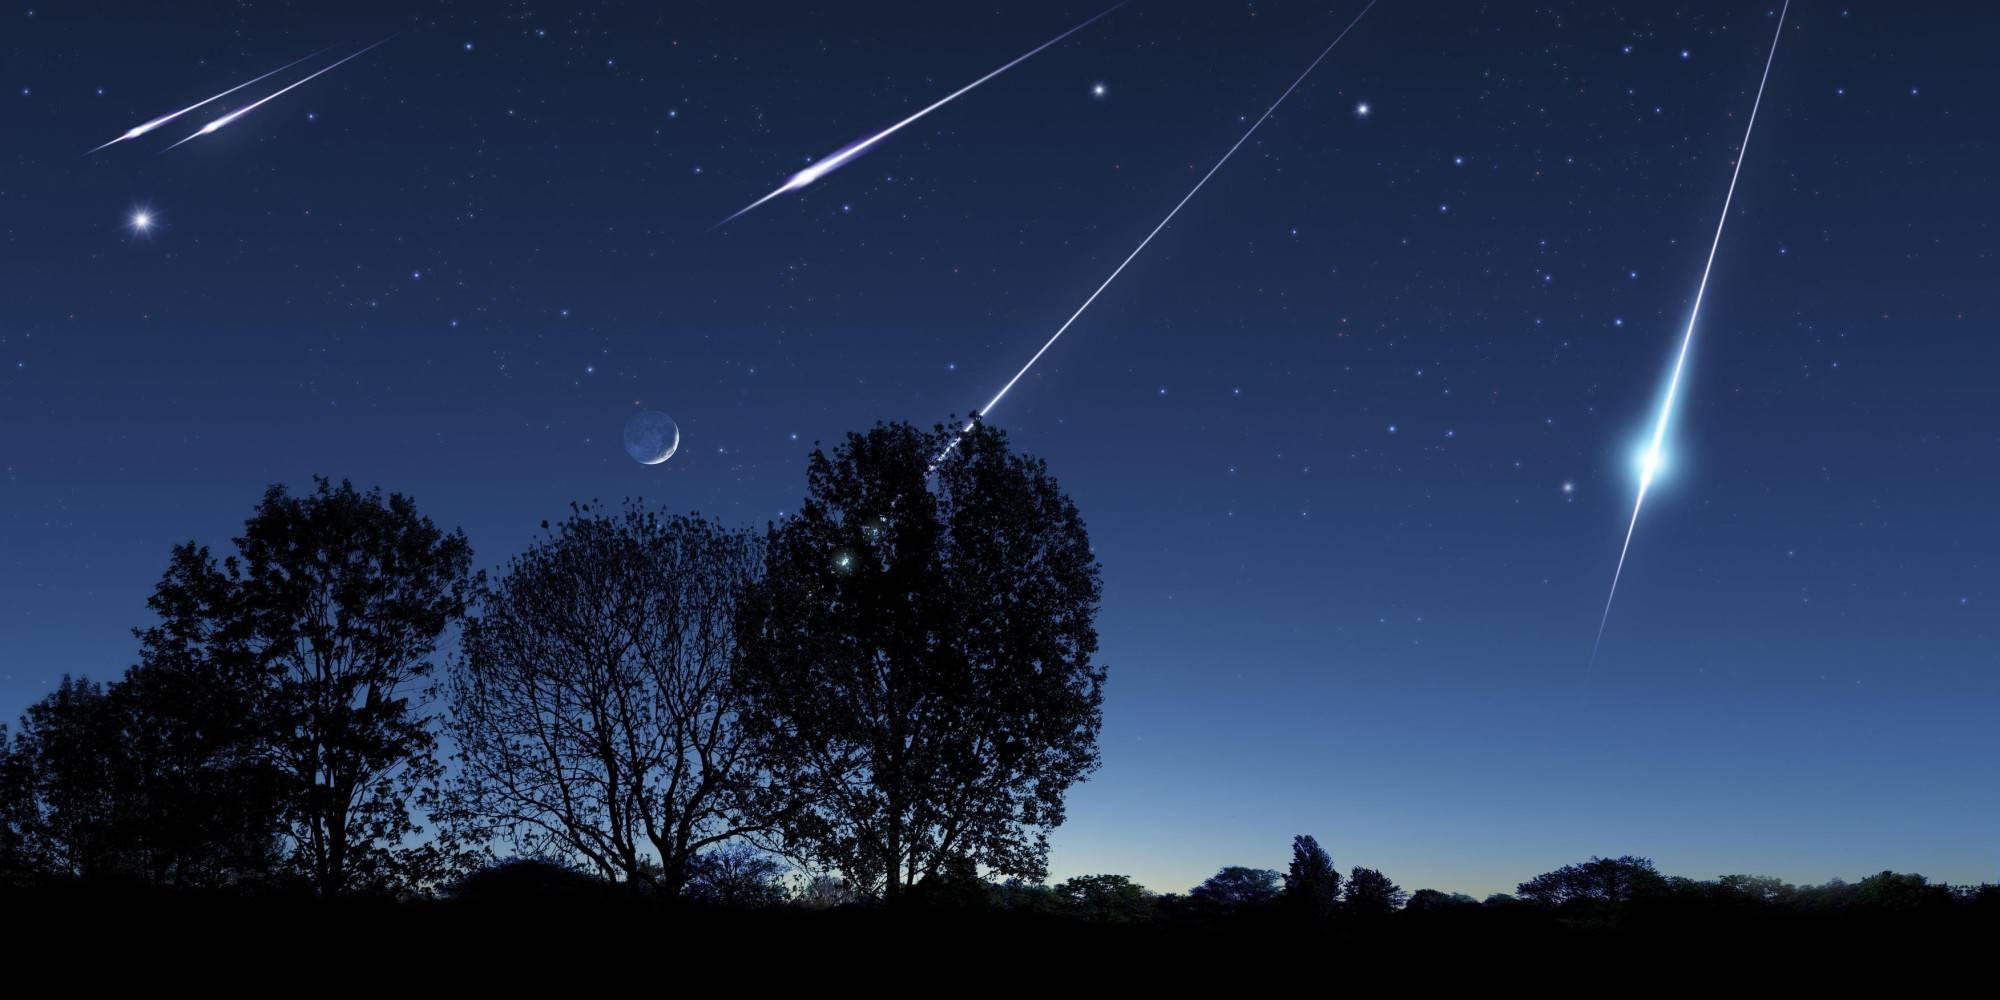 La Stella Cometa, leggenda o verità?